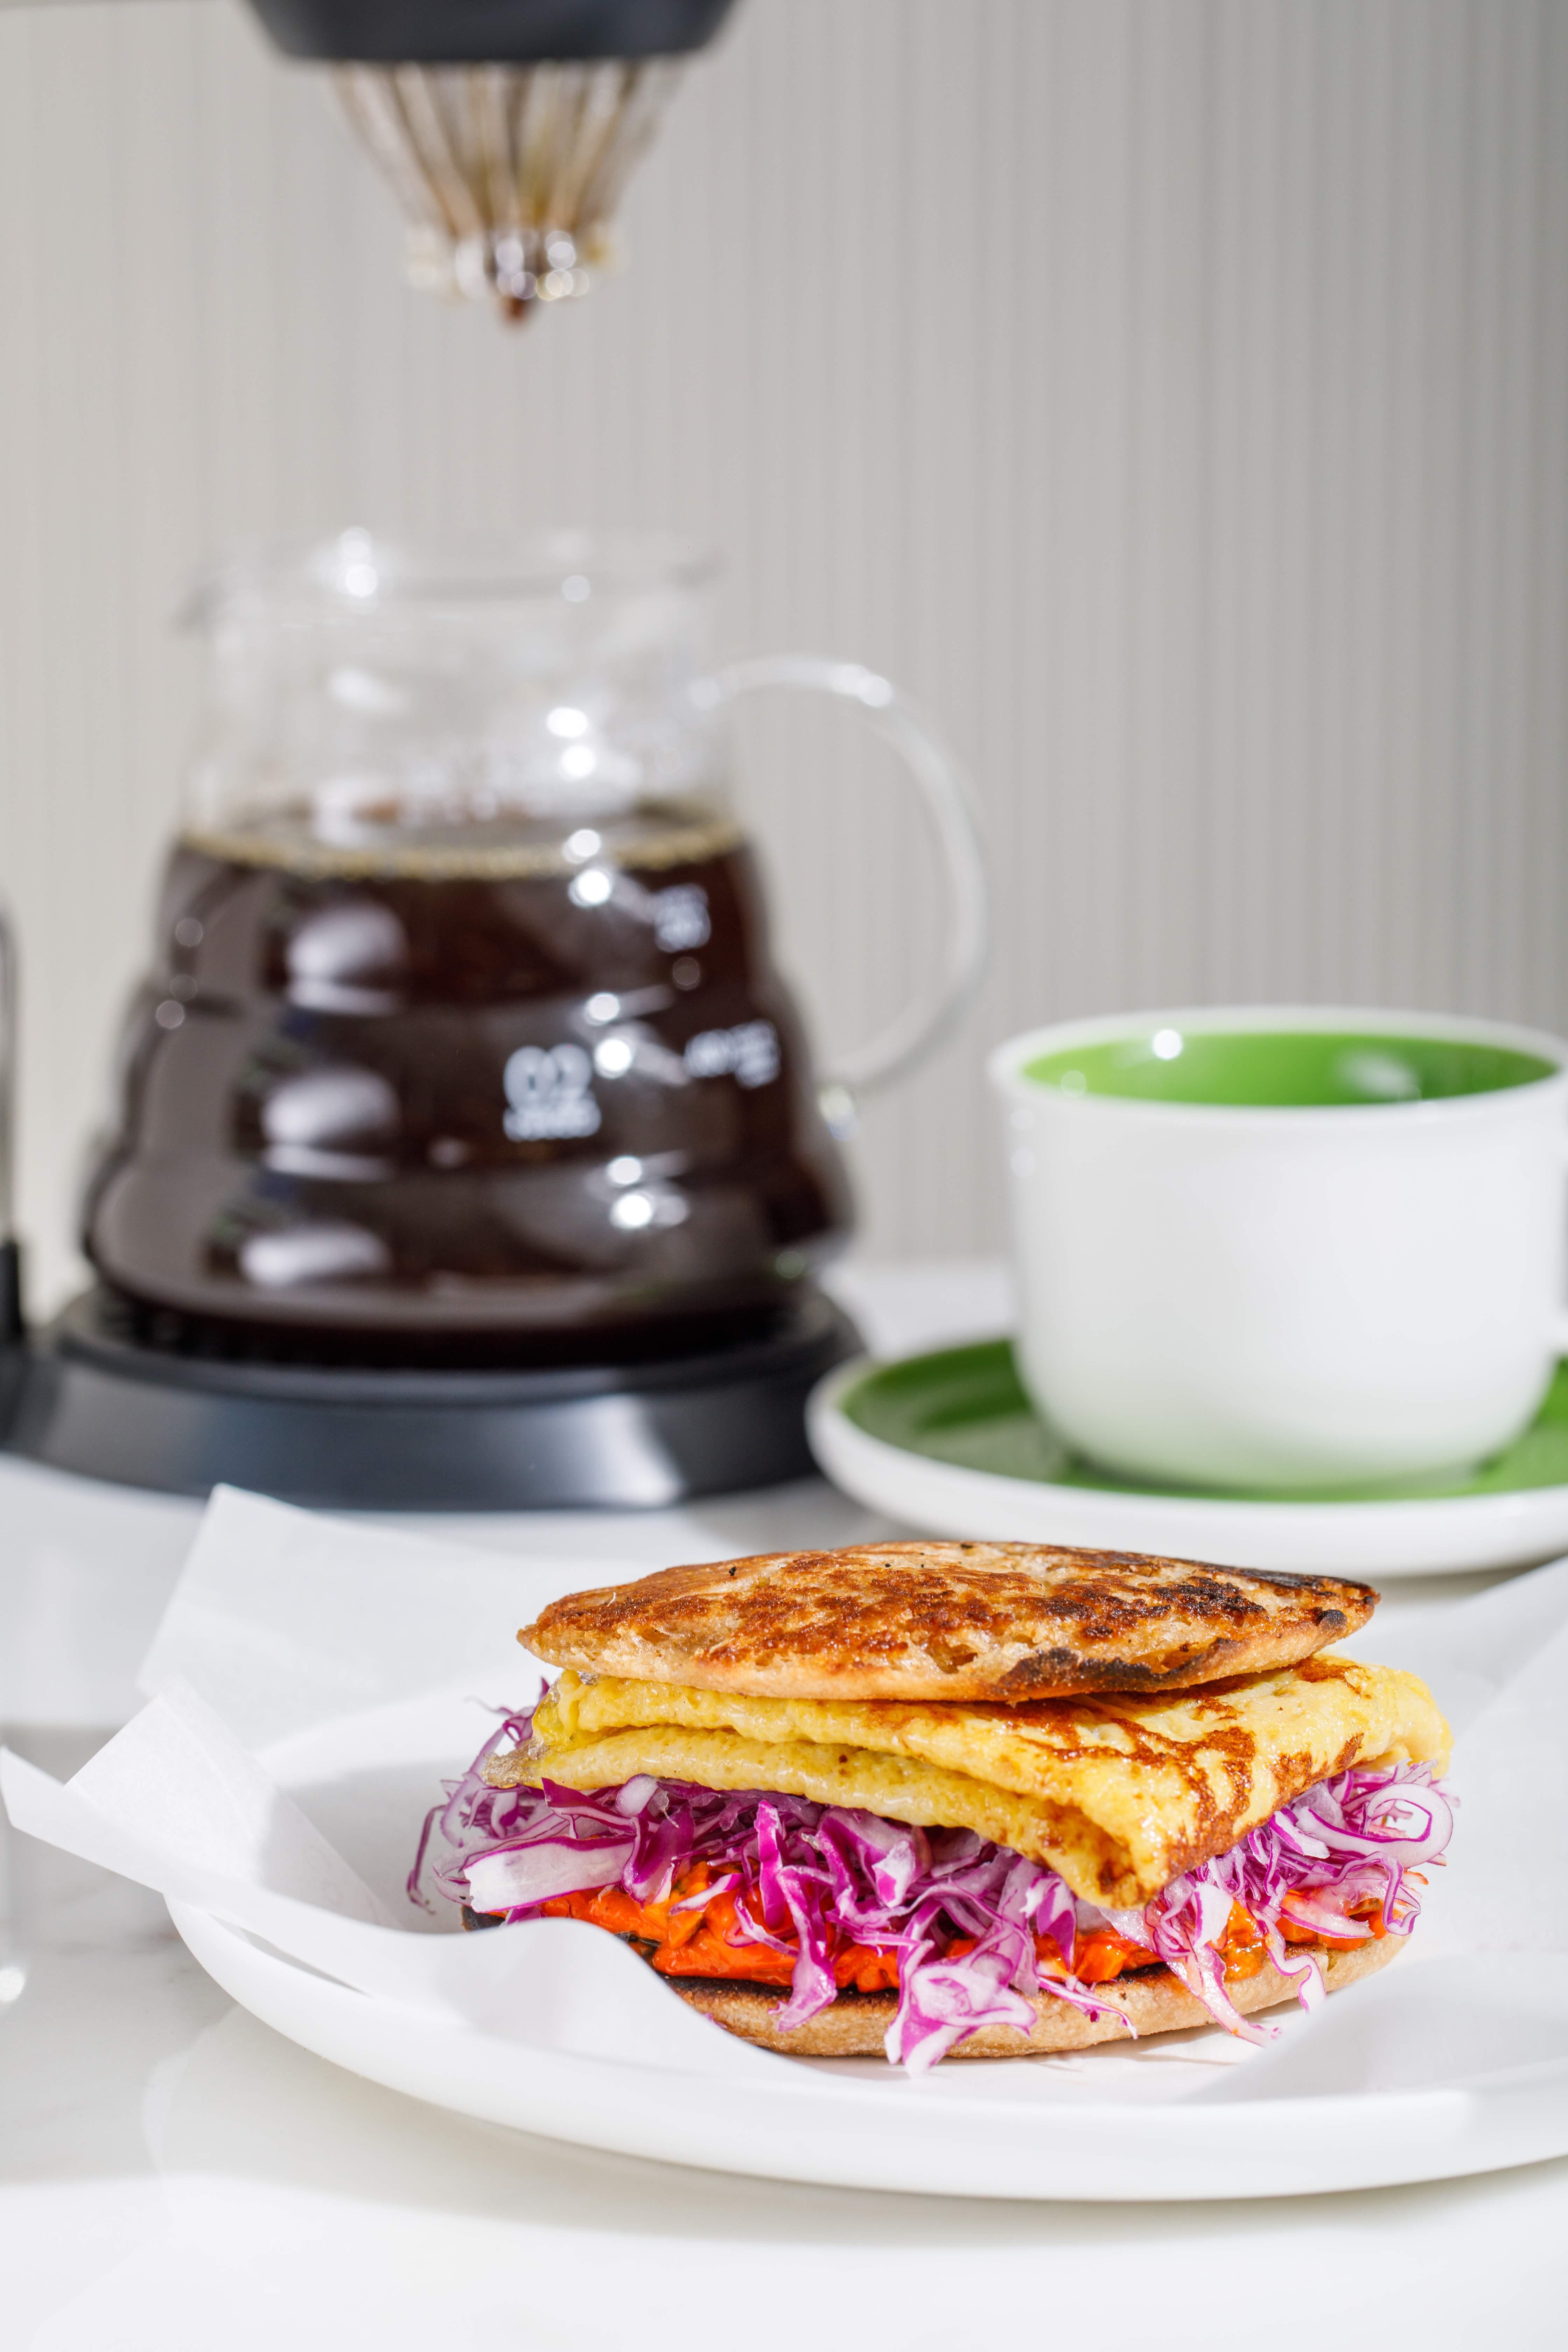 Tamagoyaki Toastie from the Araku Coffee menu